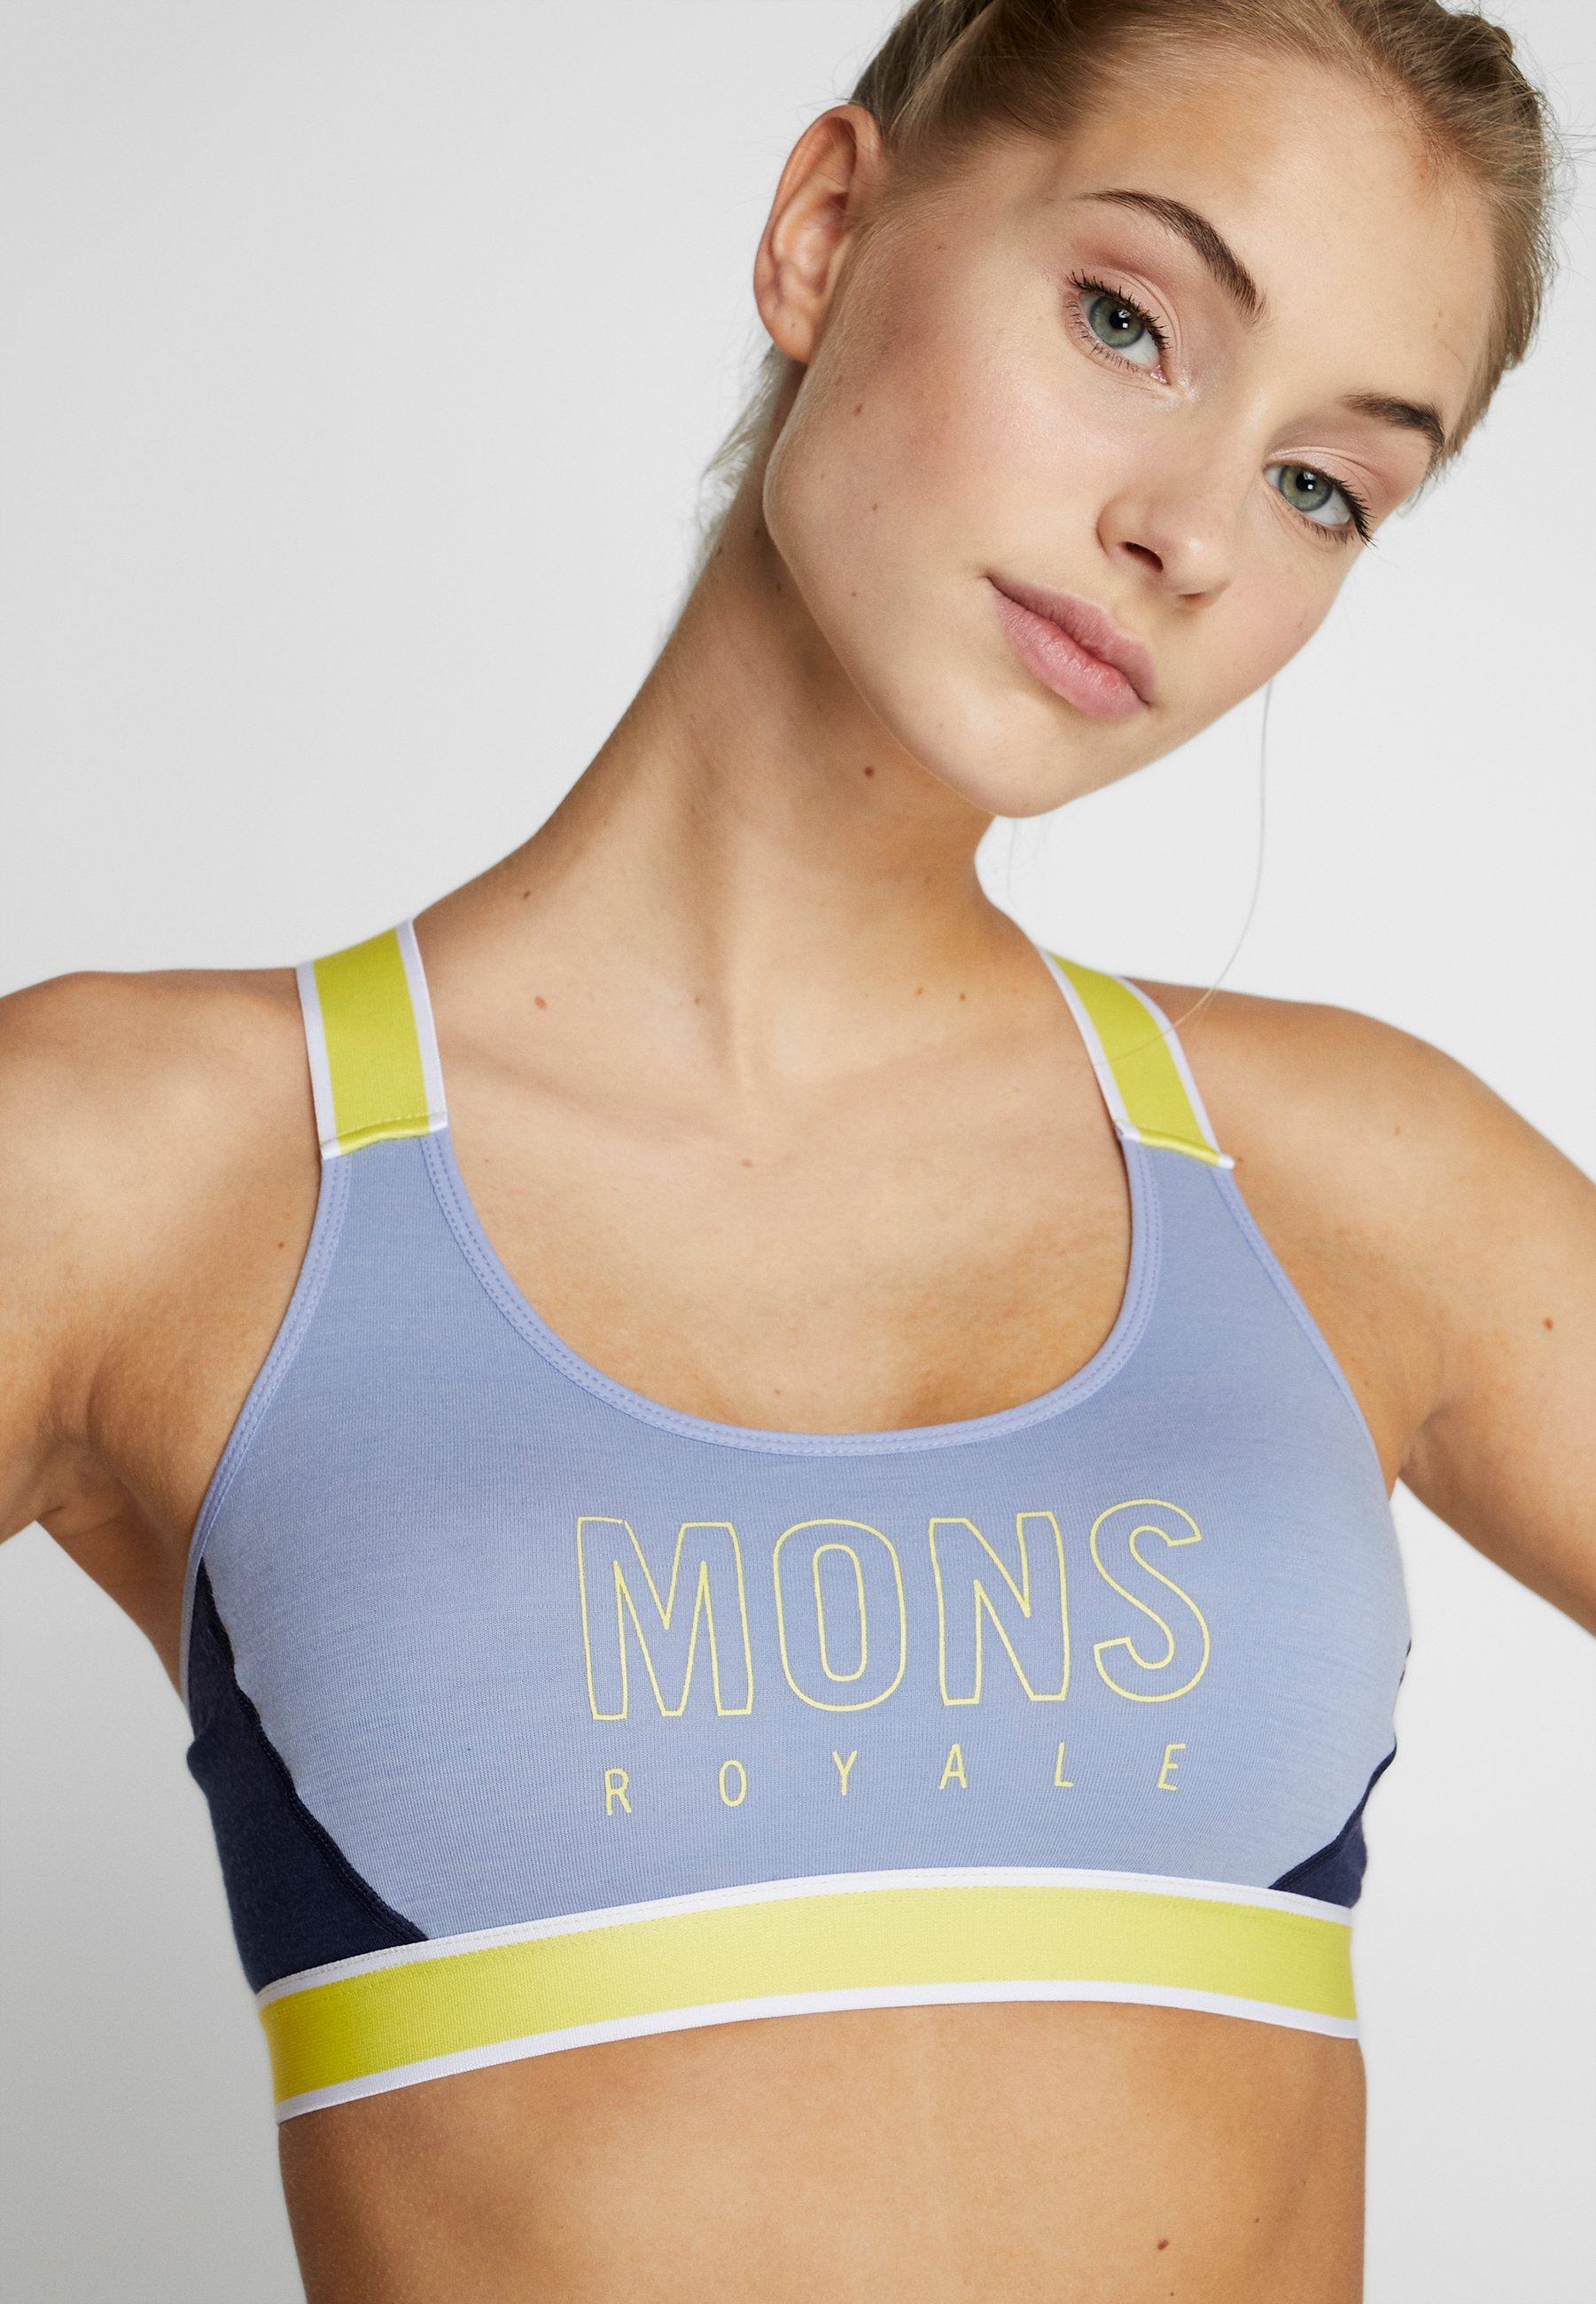 Royale Sportivo Mons BraReggiseno Stella Back X Blue Fog OPkZiXu